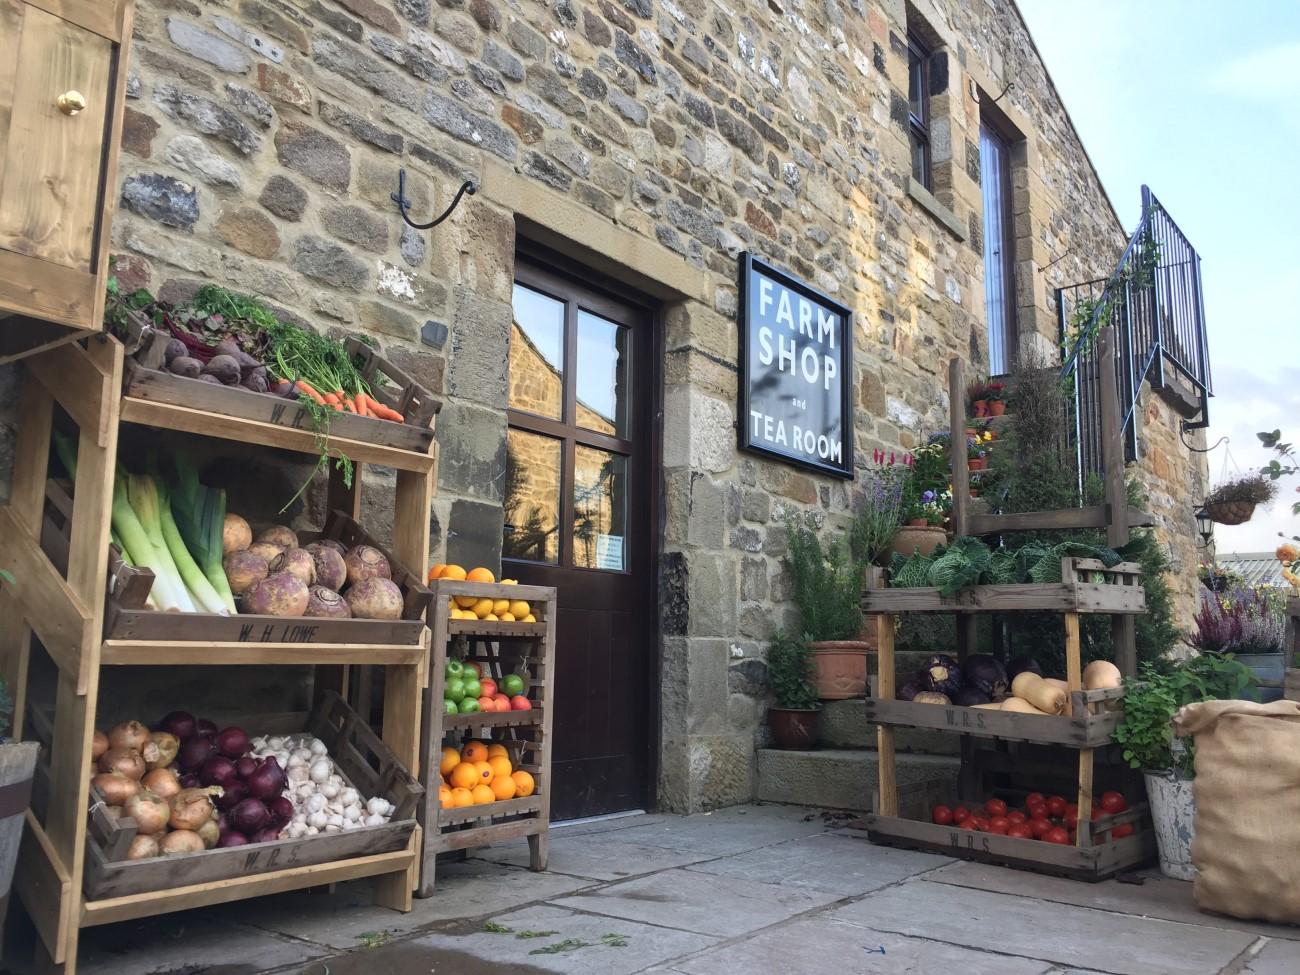 Townend Farm Shop